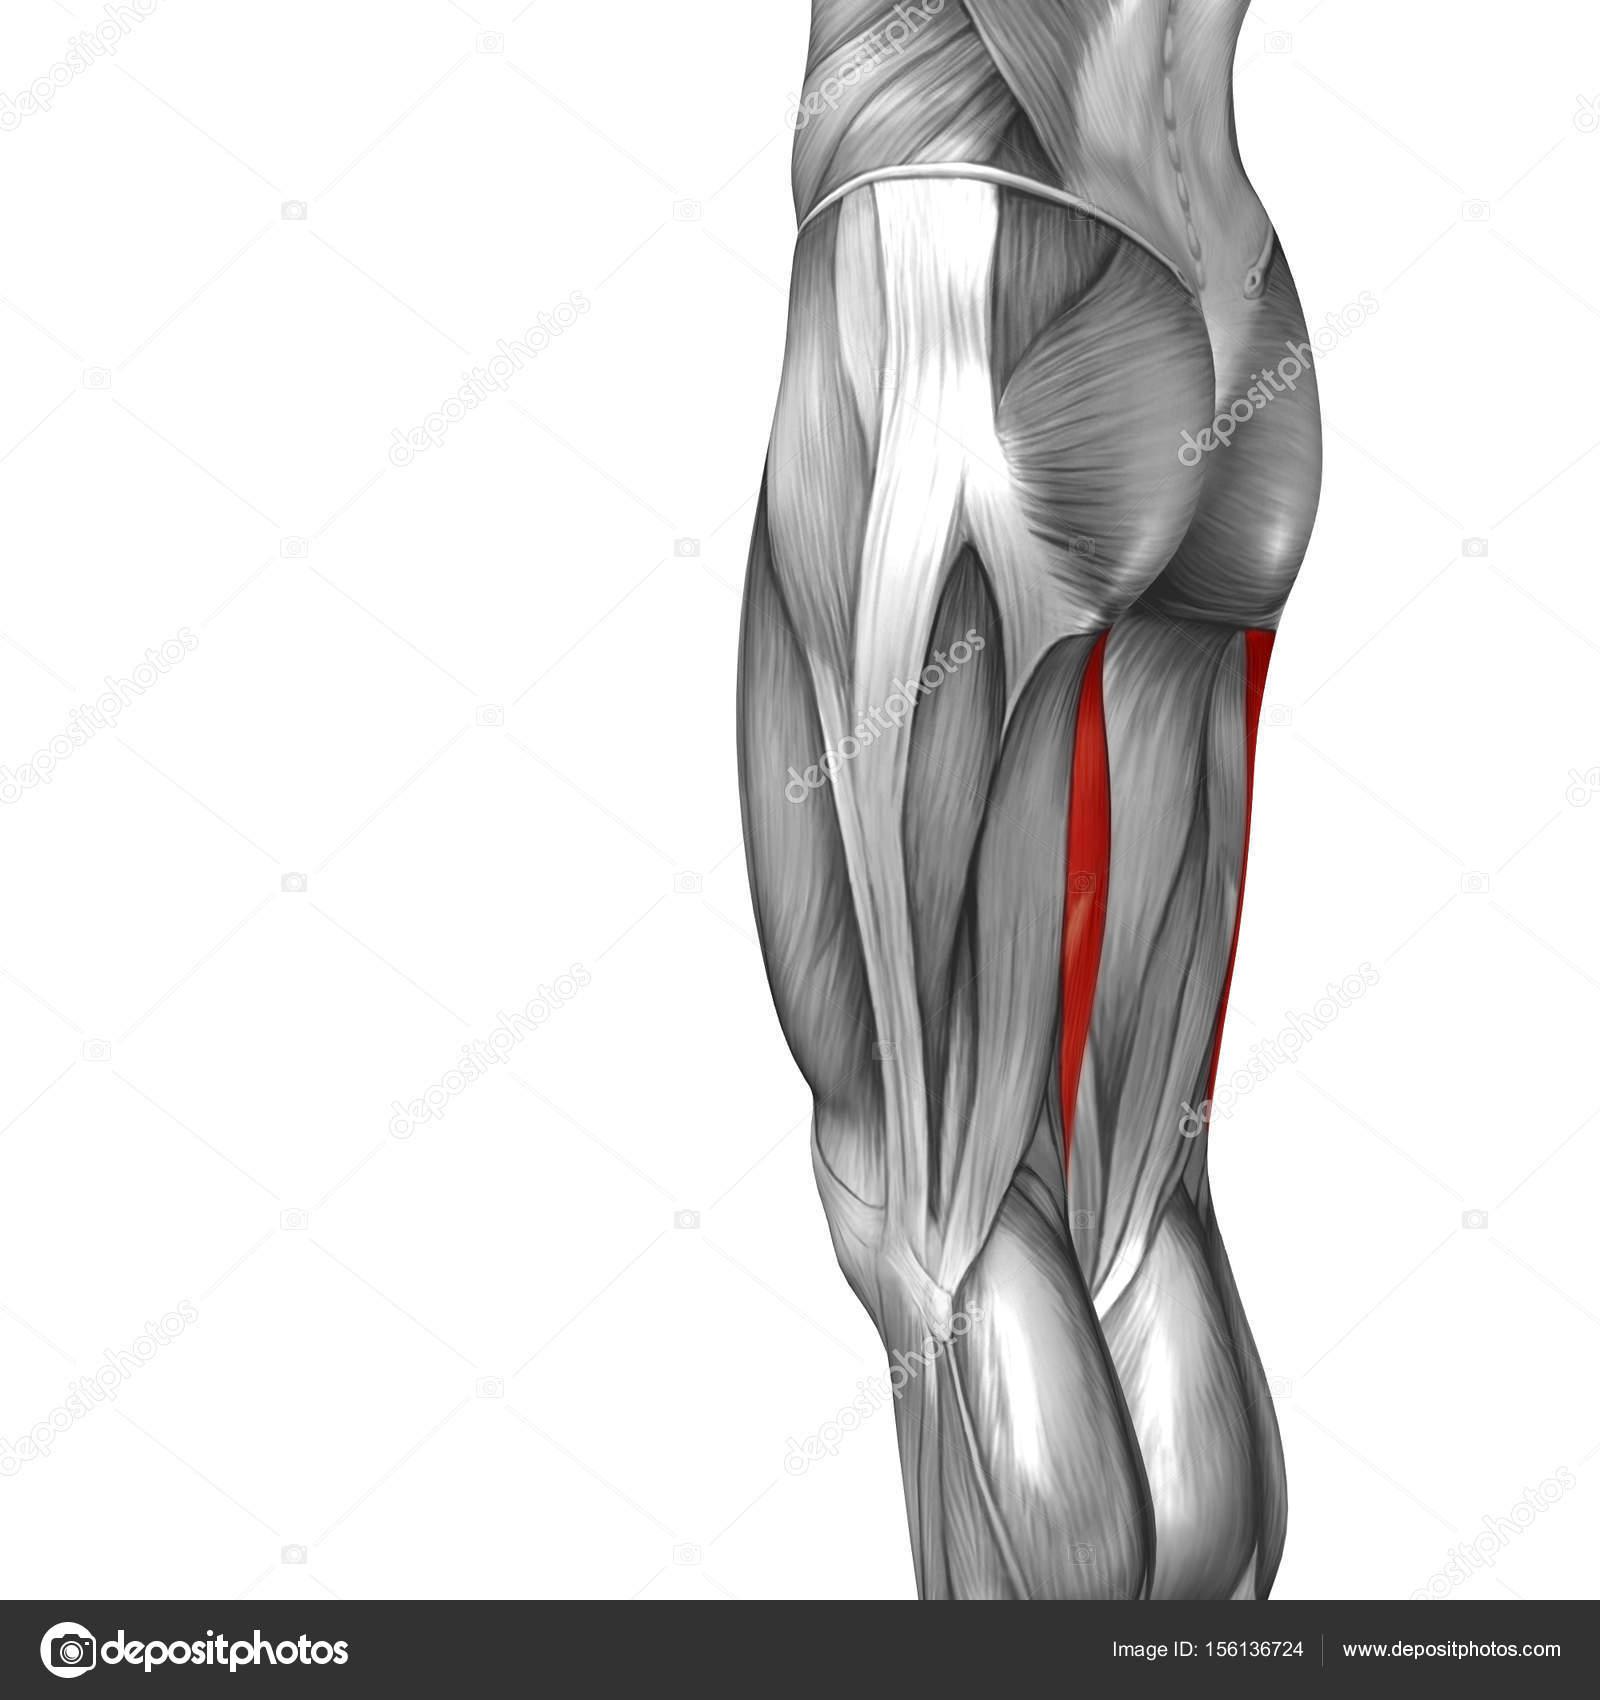 menschliche Oberschenkel-Anatomie — Stockfoto © design36 #156136724